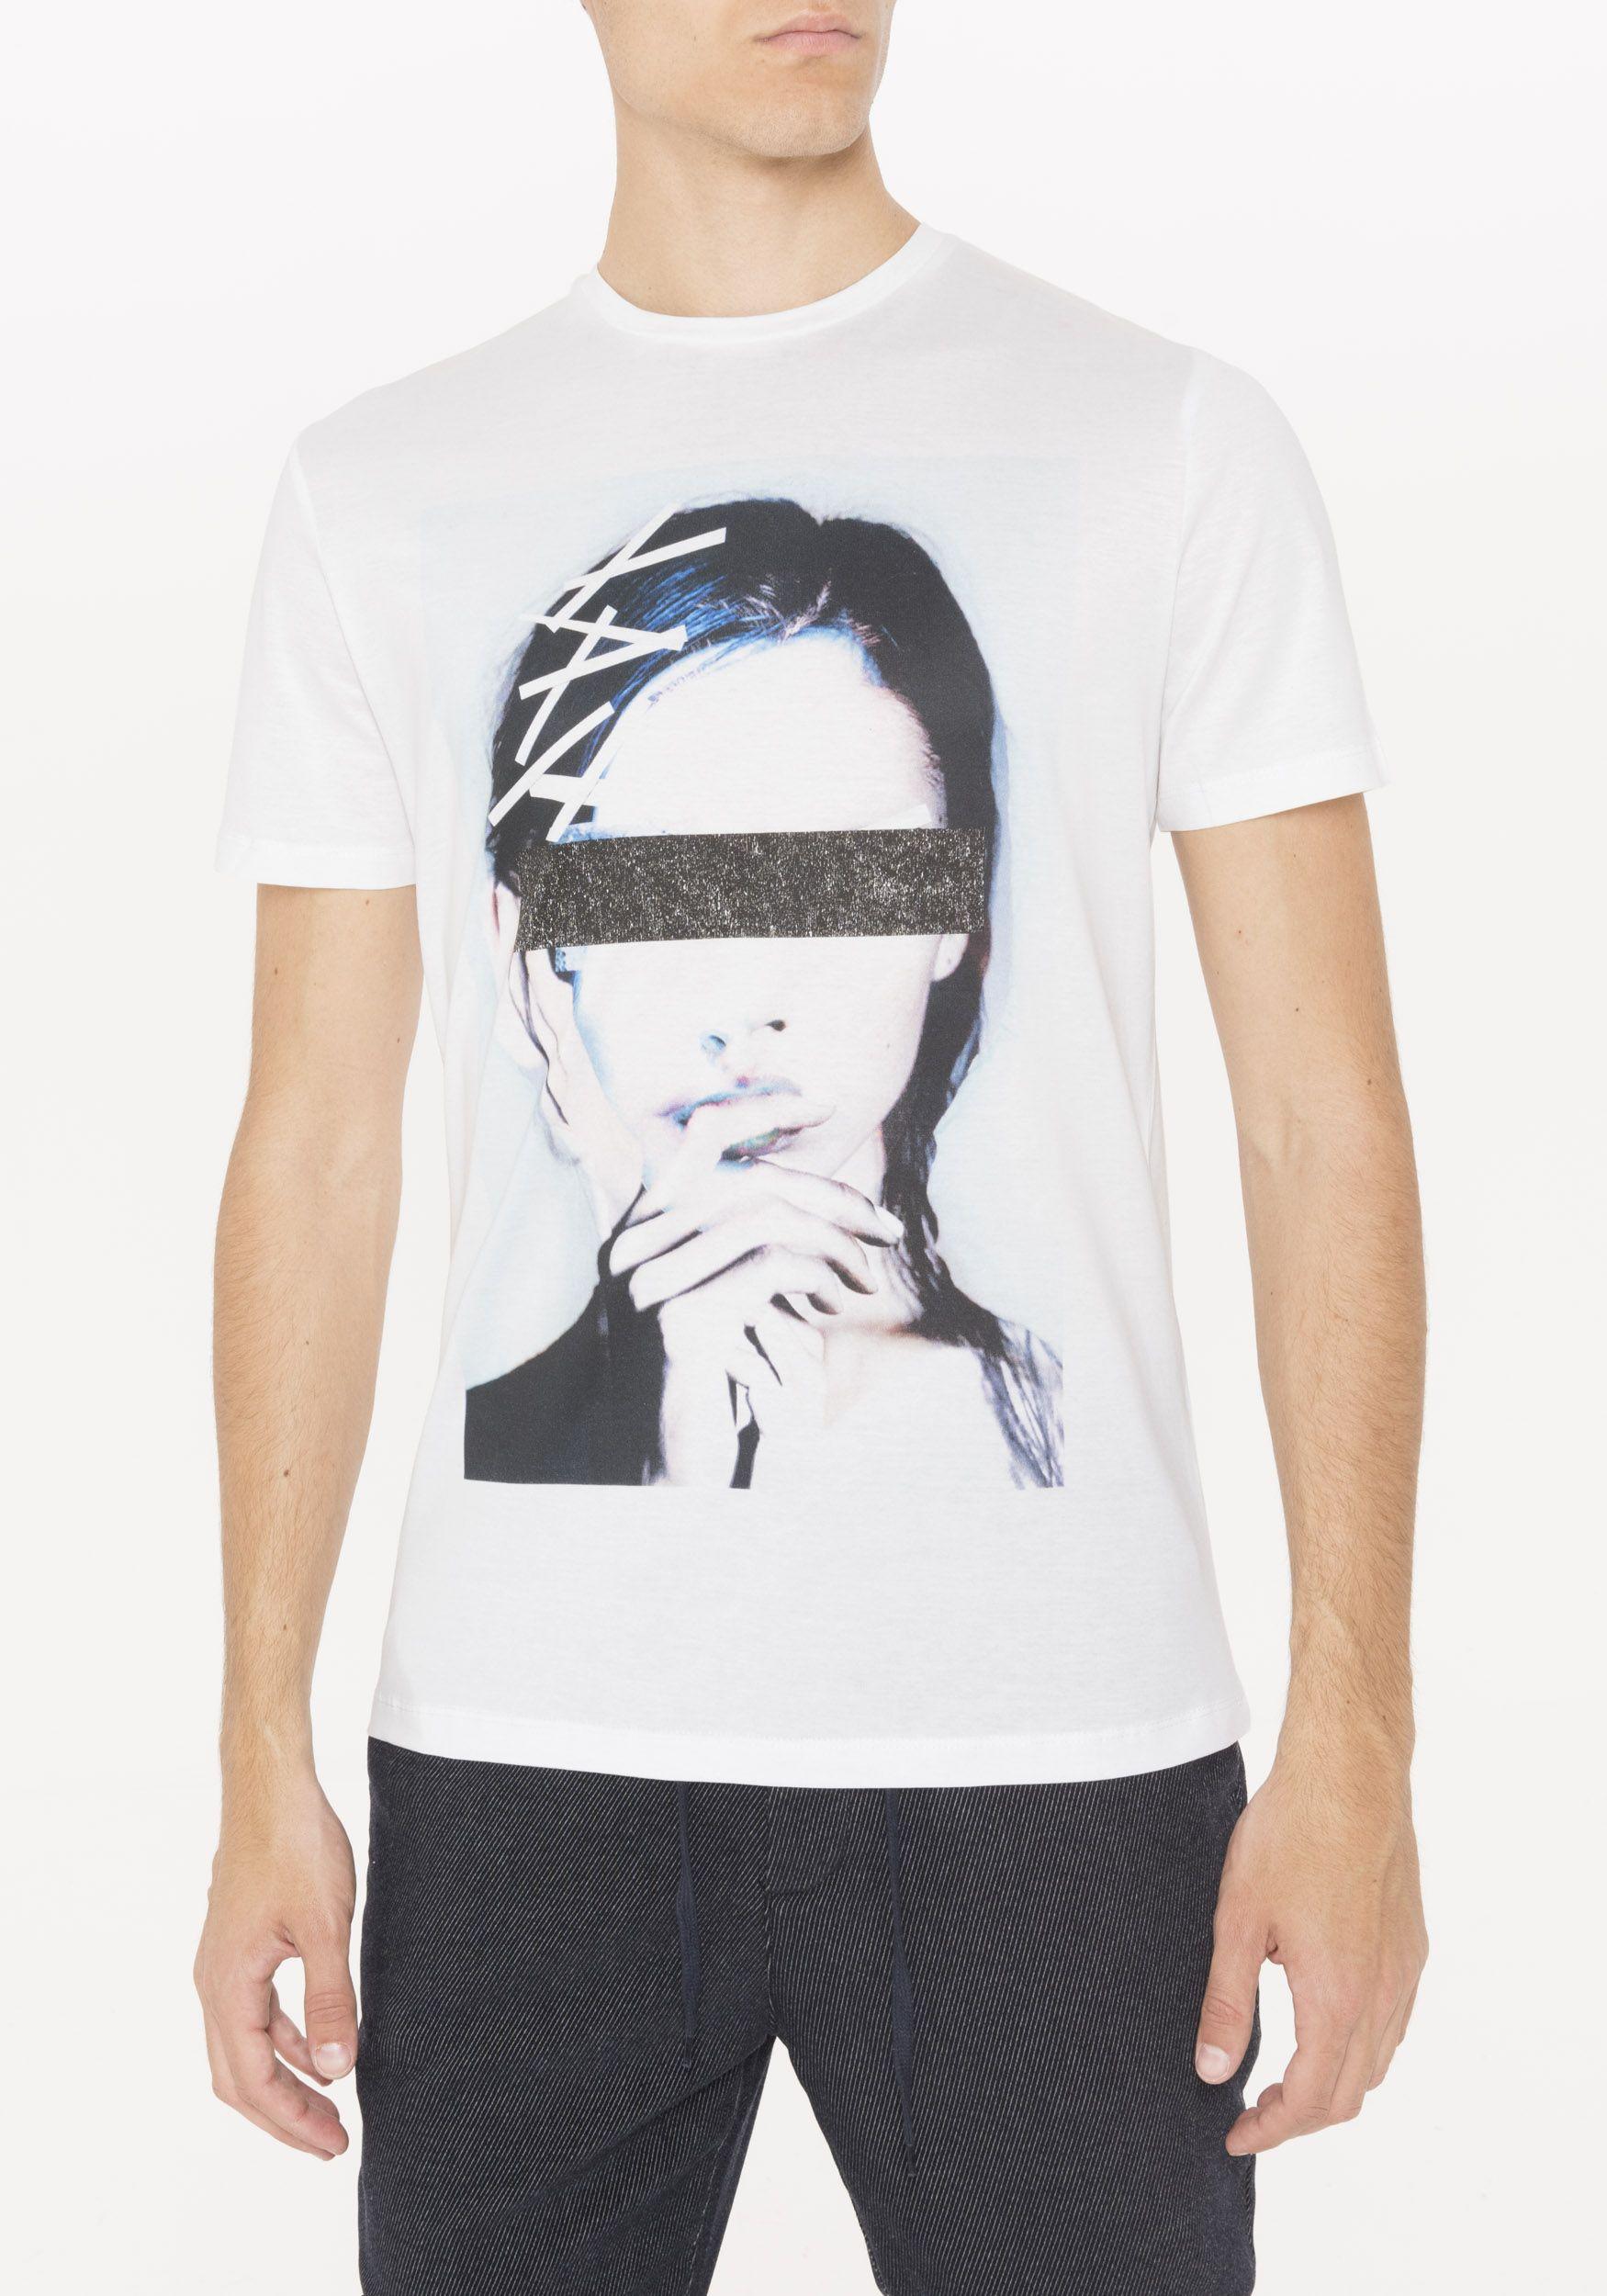 0a34987a T-shirt con stampa overlap faces, colore BIANCO | Antony Morato ...